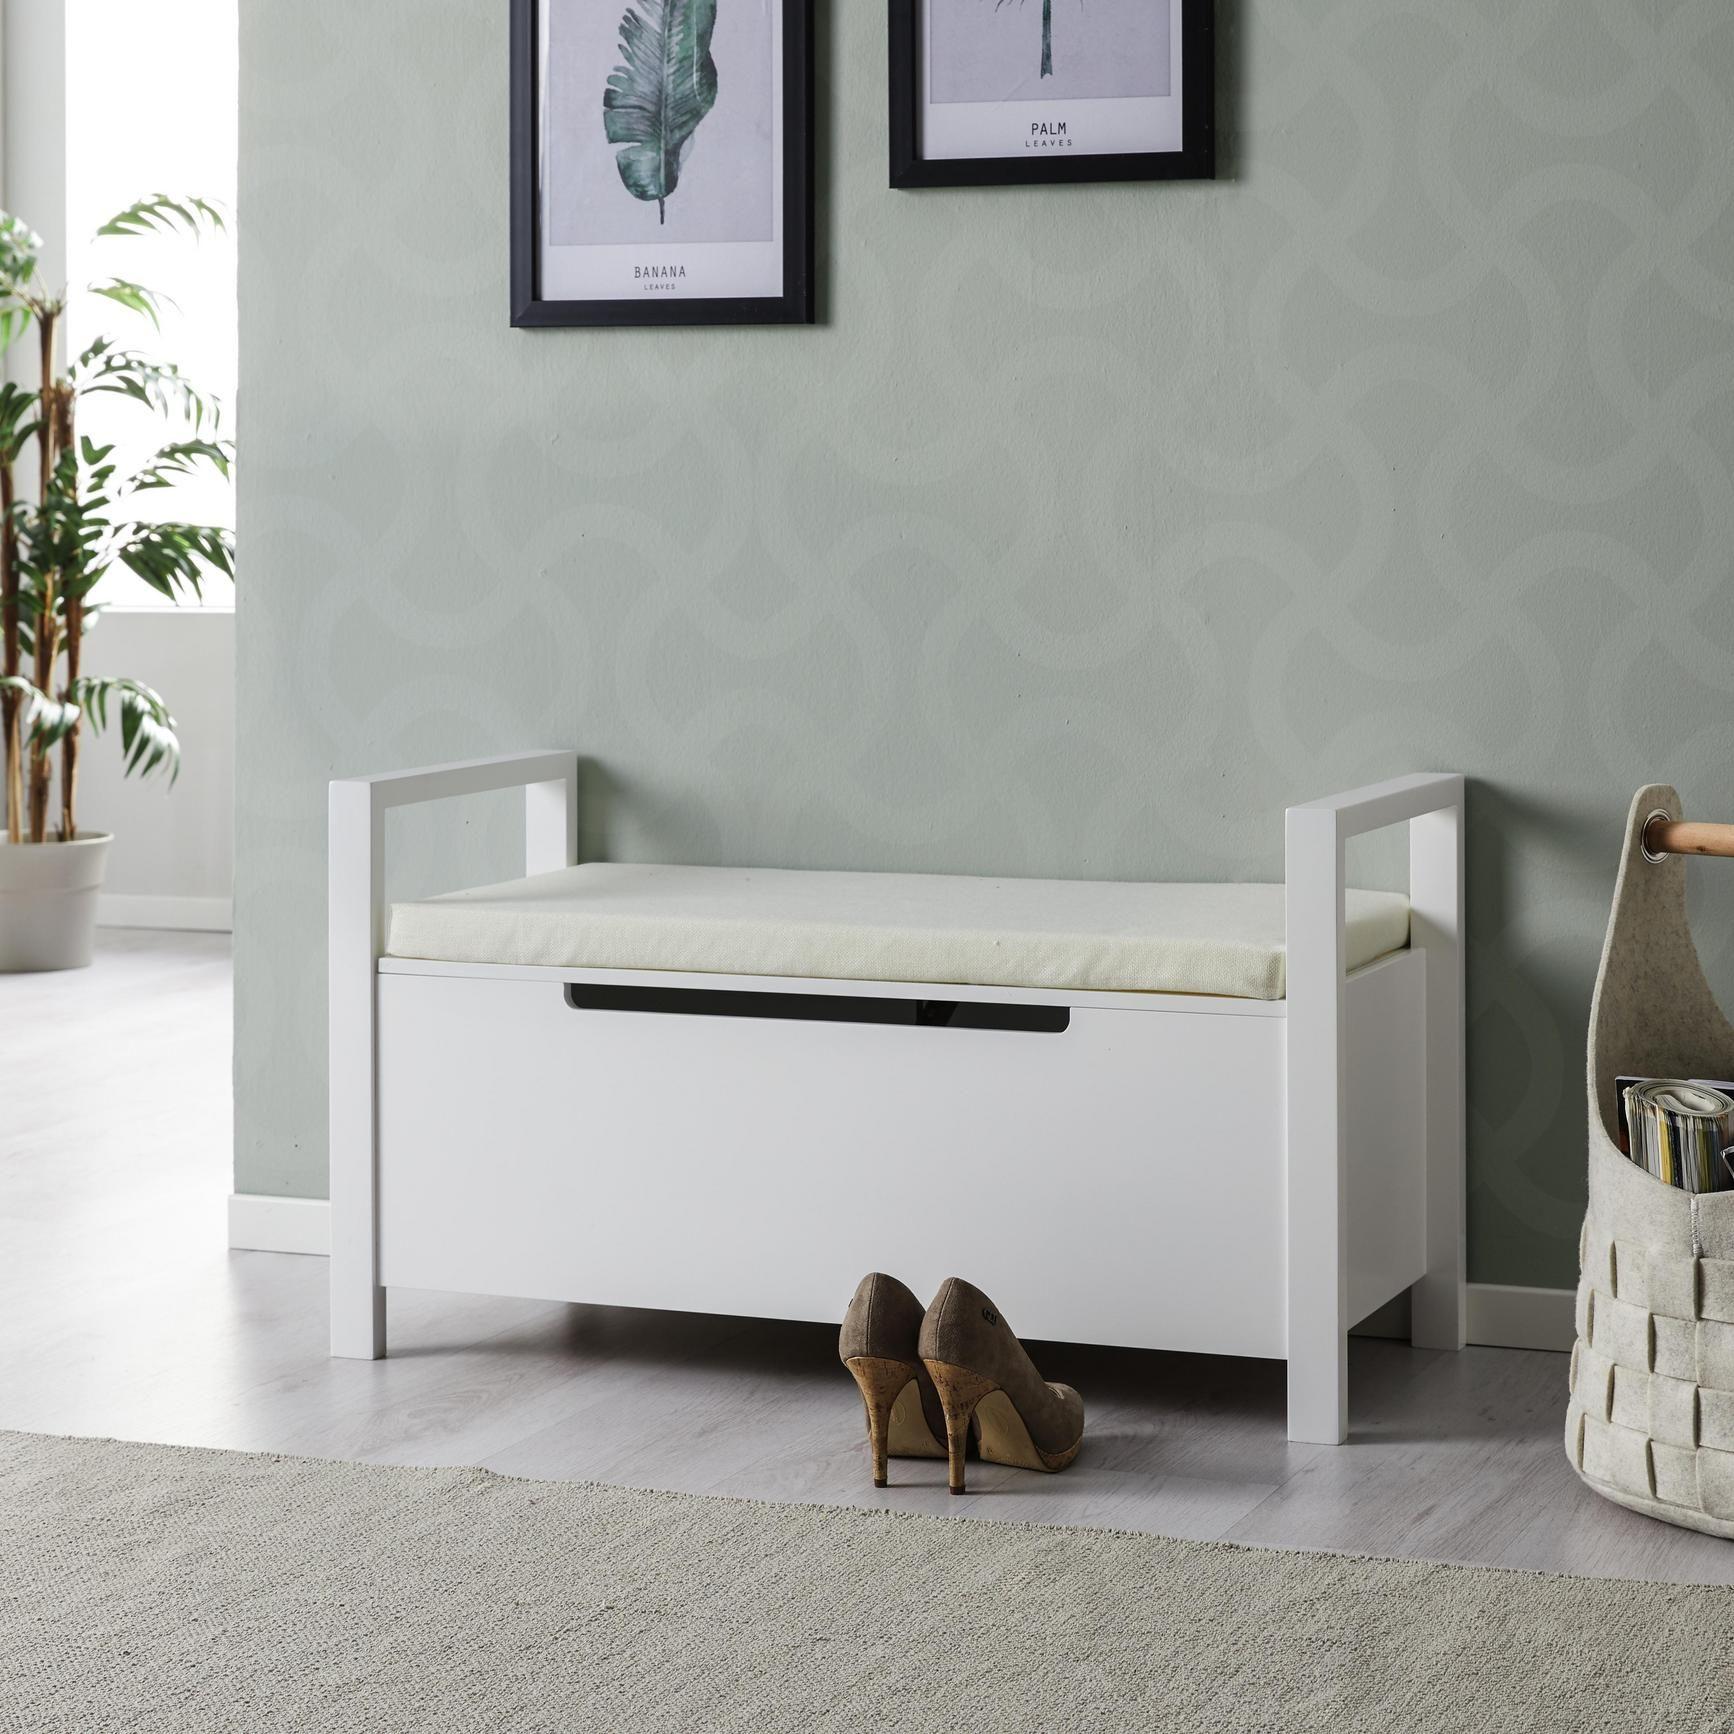 Garderobenbank Len Mit Stauraum Inkl Sitzkissen Online Kaufen Momax Storage Bench Bedroom Luxury Furniture Living Room Furniture